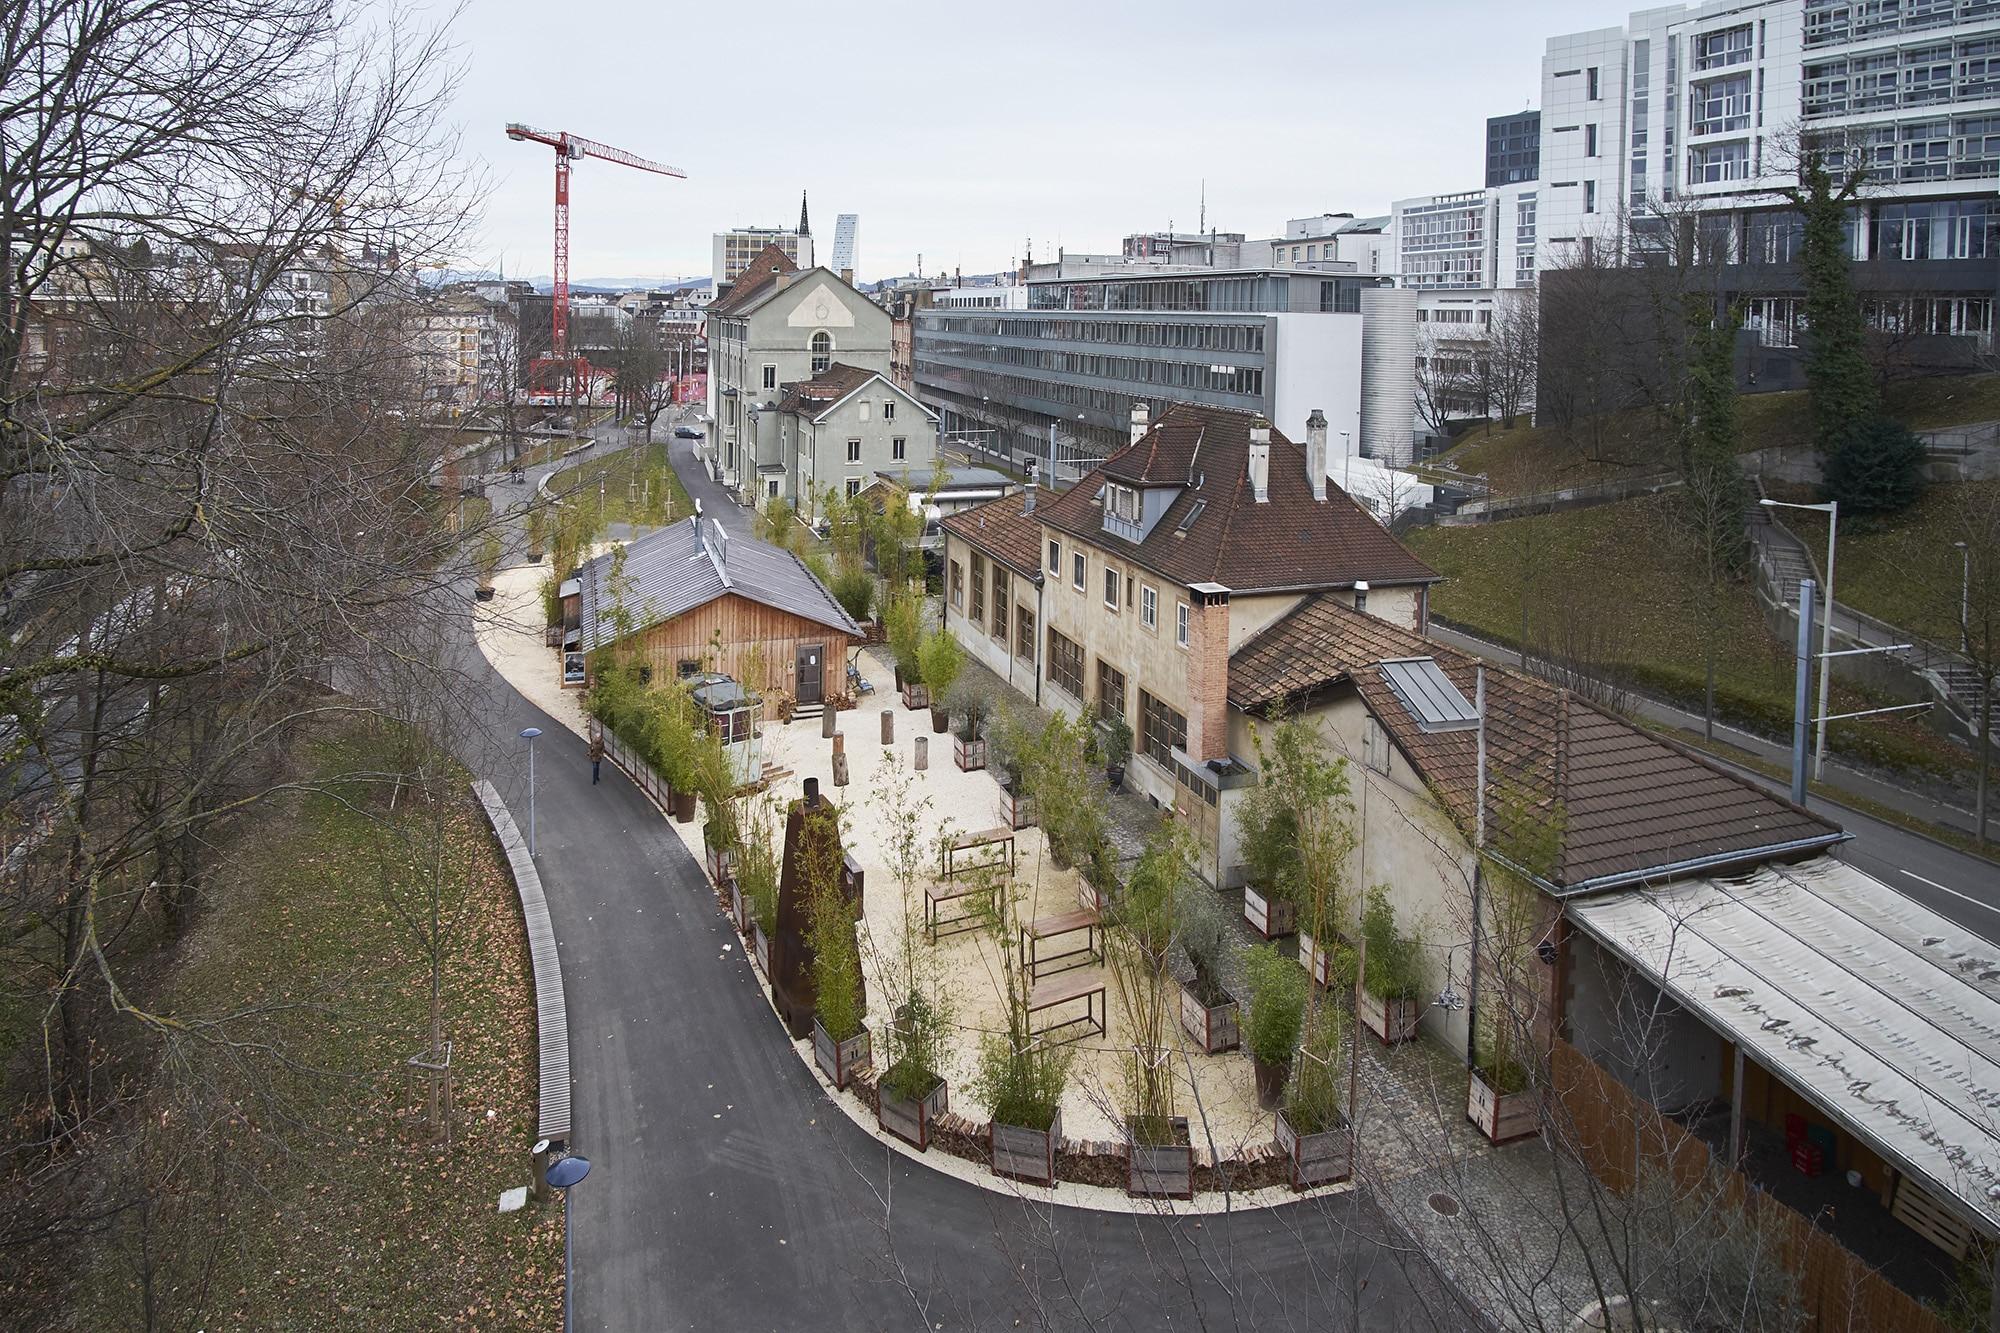 Alles nochmal von vorne: Der Kuppel-Neubau beim Nachtigallenwäldeli wird neu ausgeschrieben.